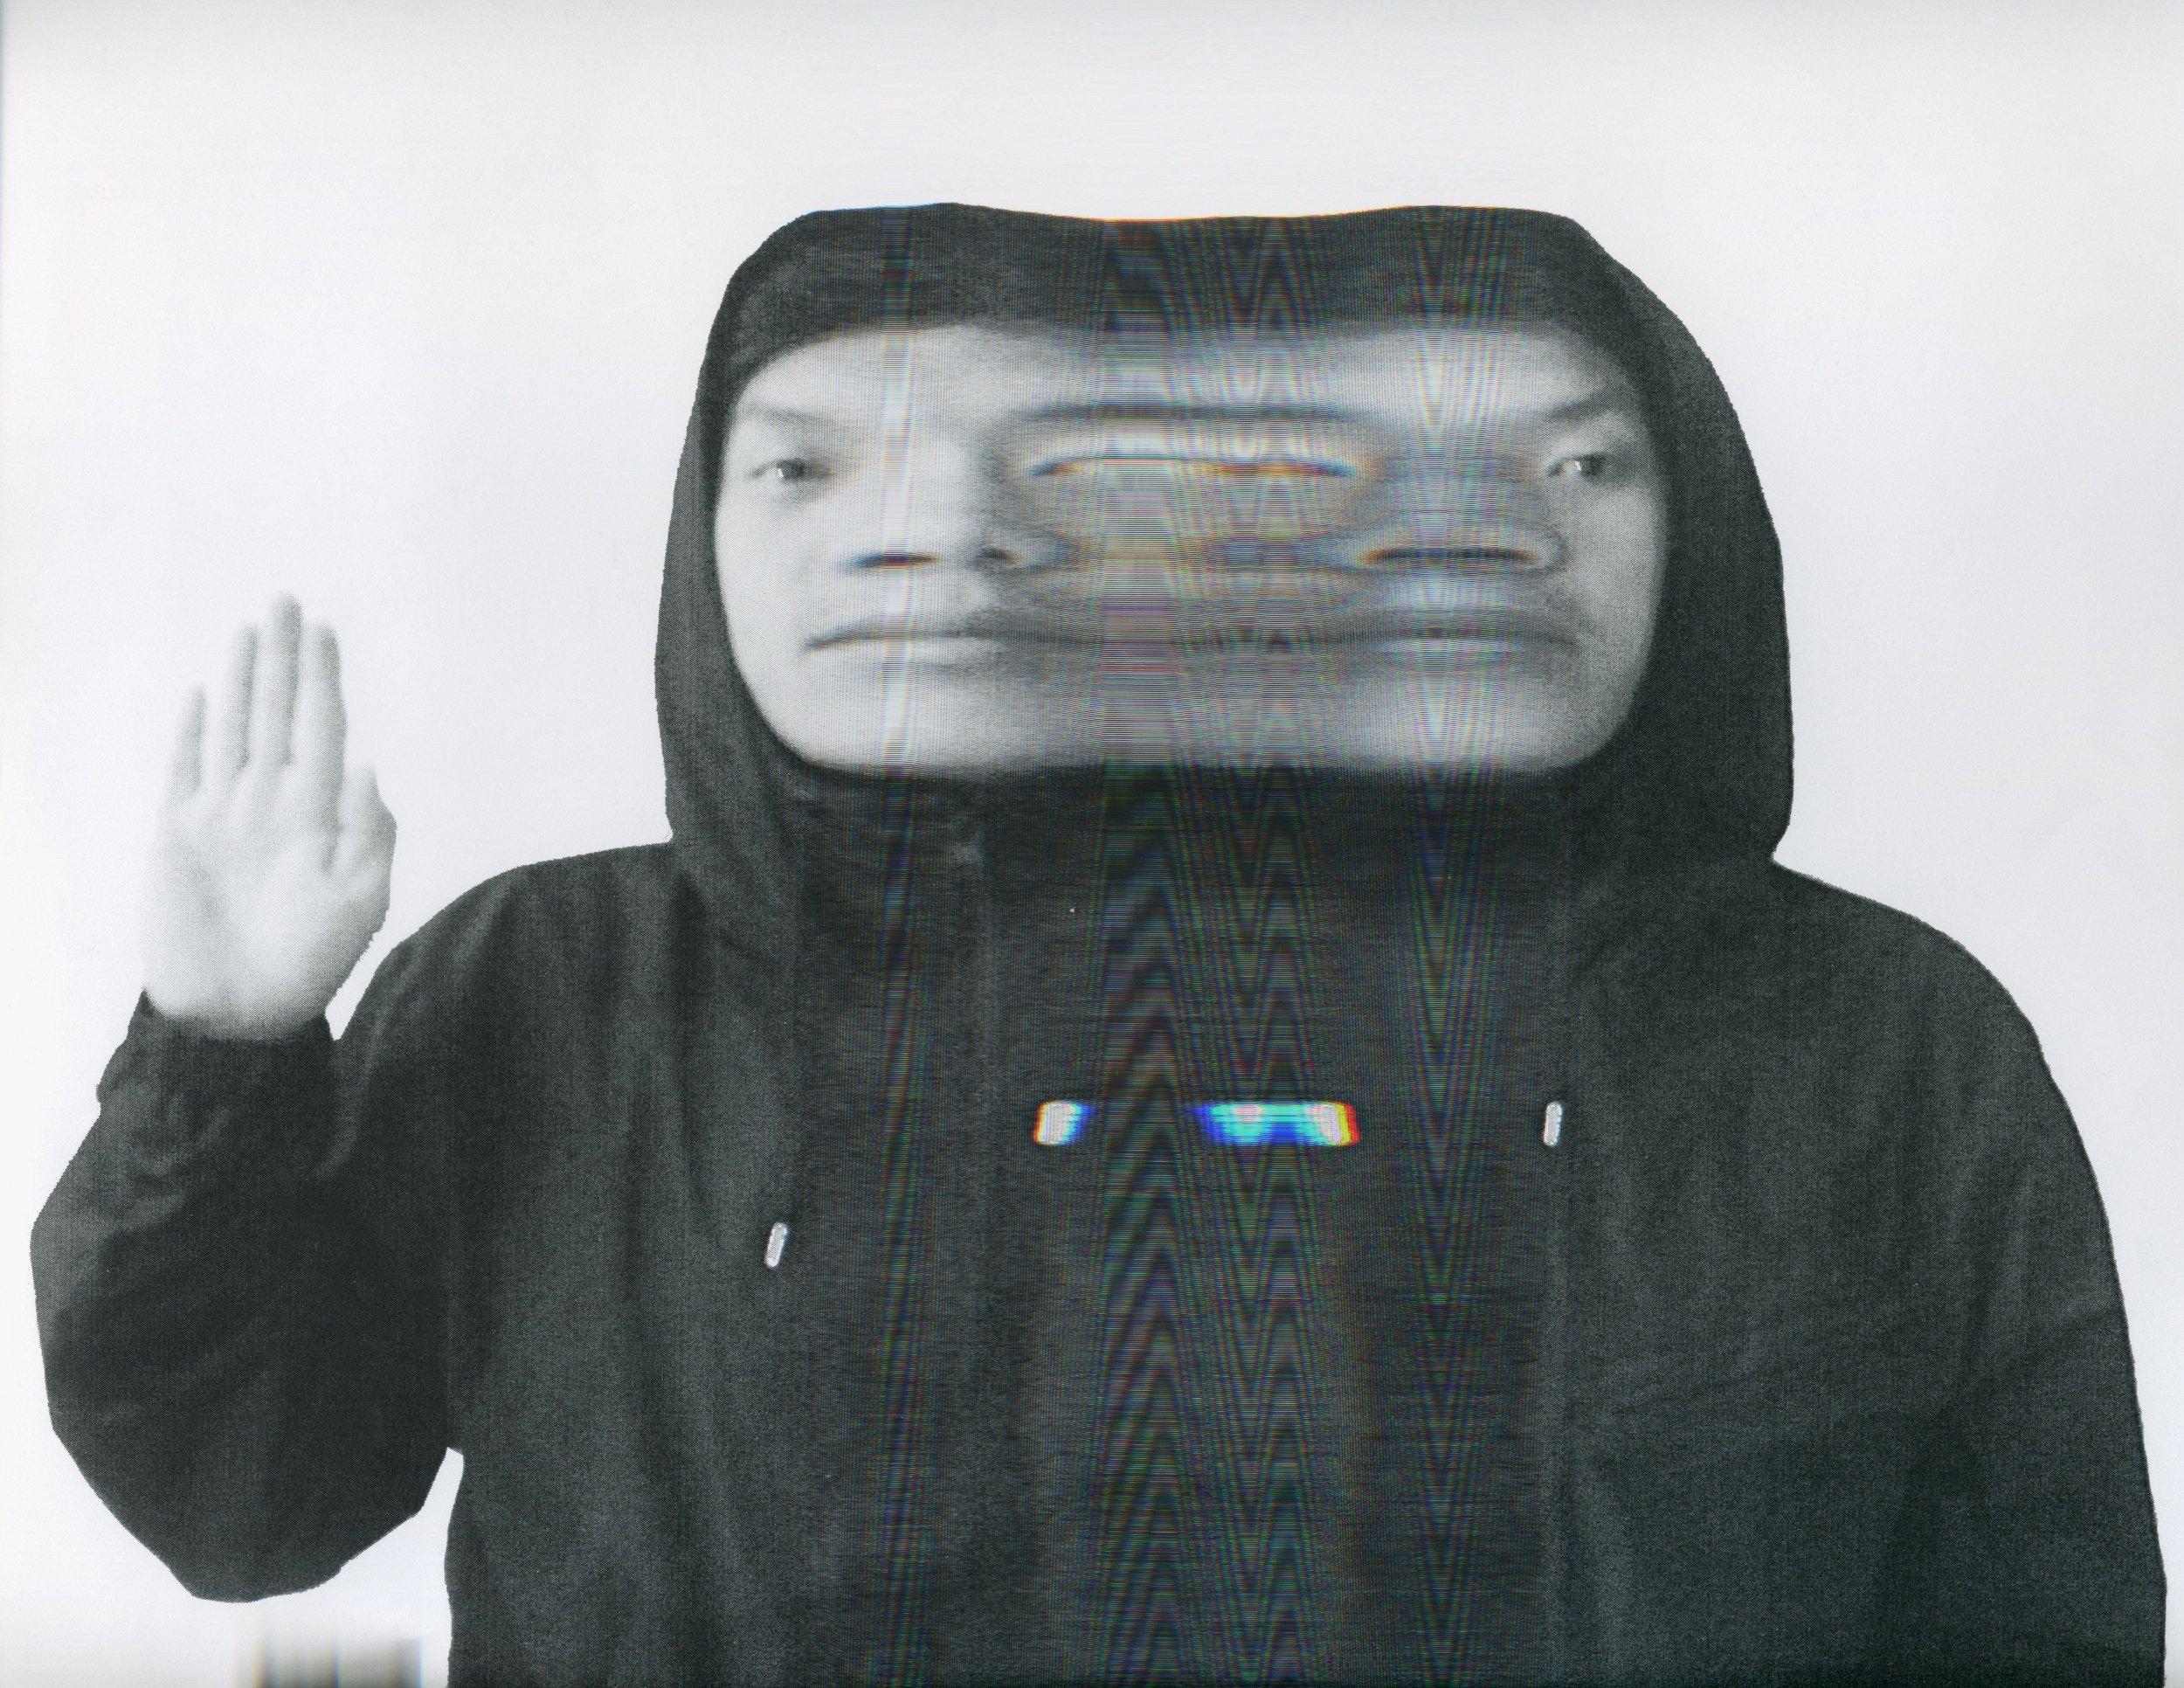 Scanned Image 4.jpeg